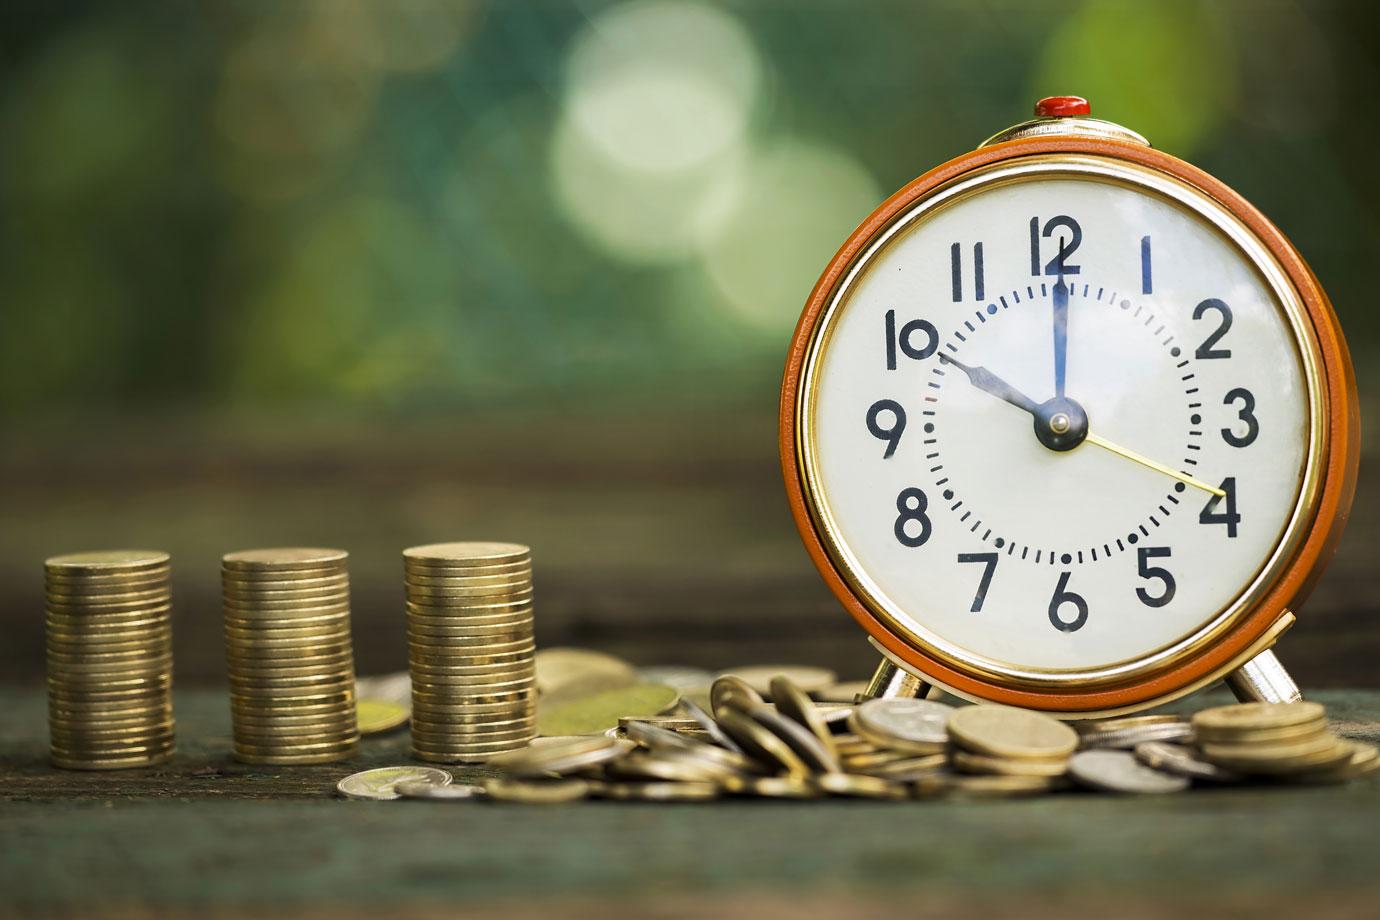 Variações de até cinco minutos não justificam pagamento integral do intervalo intrajornada